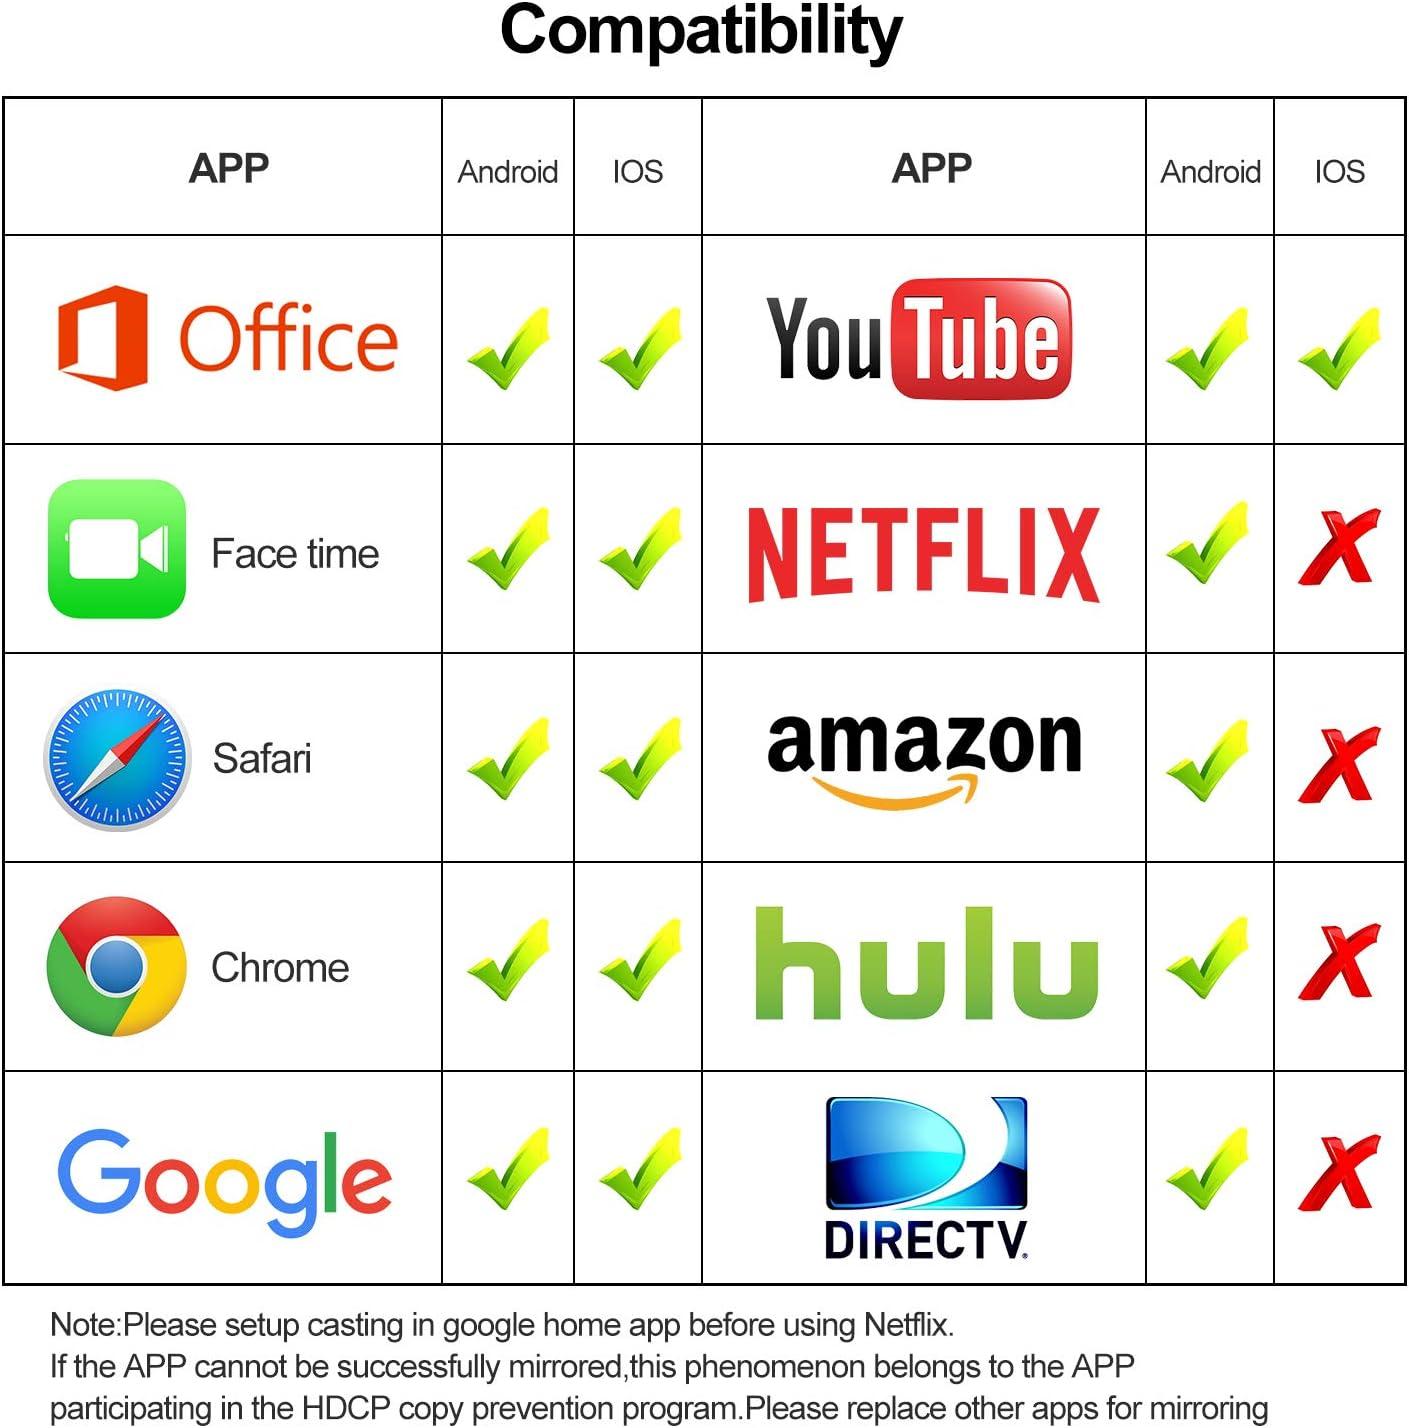 Projecteur Netflix Moniteur Android Fen/être KUPAVLON Adaptateur sans fil WiFi Dongle 1080p HDMI 2,4 GHz Vid/éo de partage Dongle Miracast DLNA Airplay R/écepteur pour iOS TV Mac